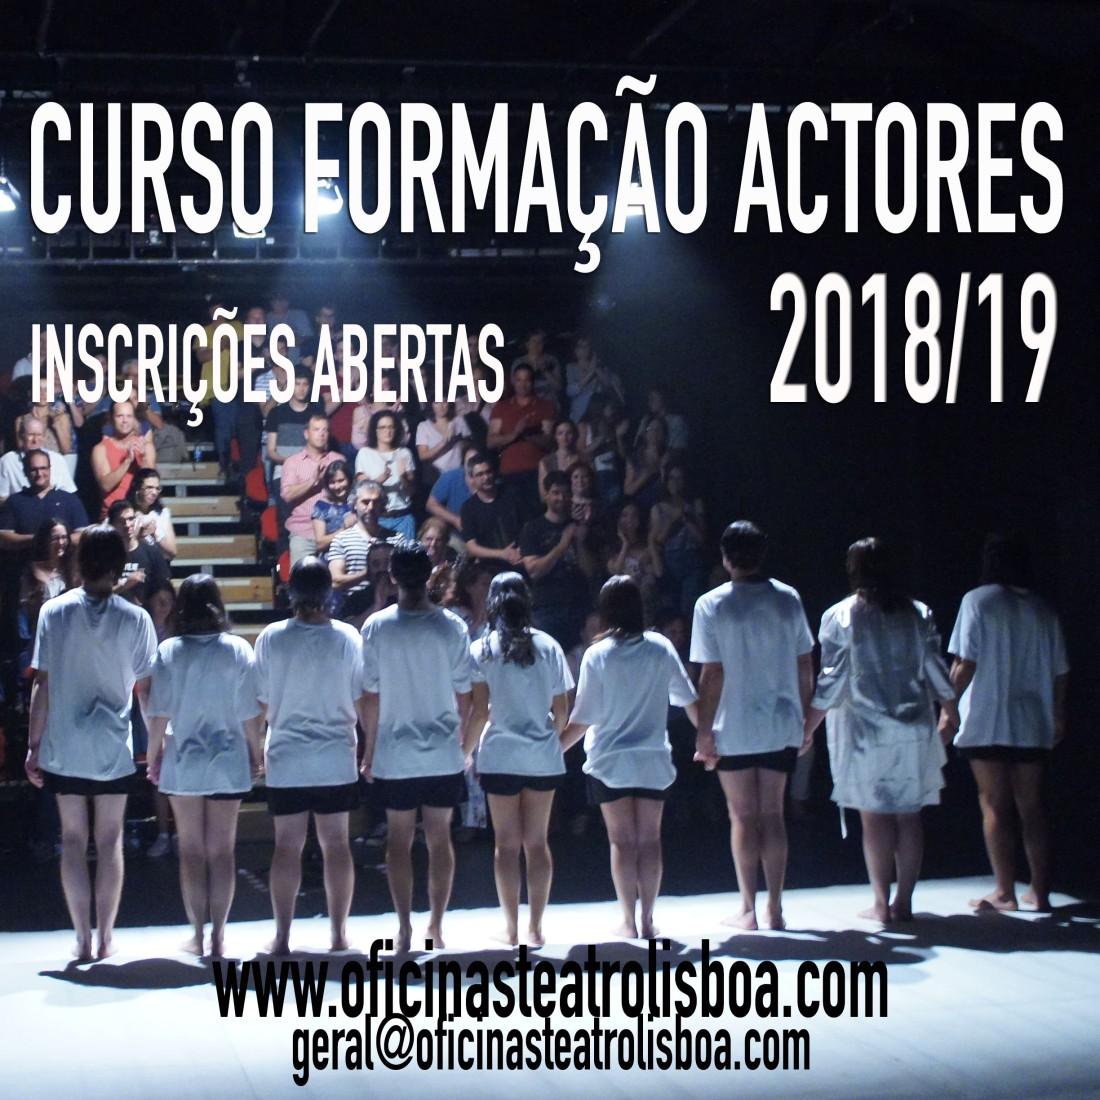 Curso formação atores 2019.jpg